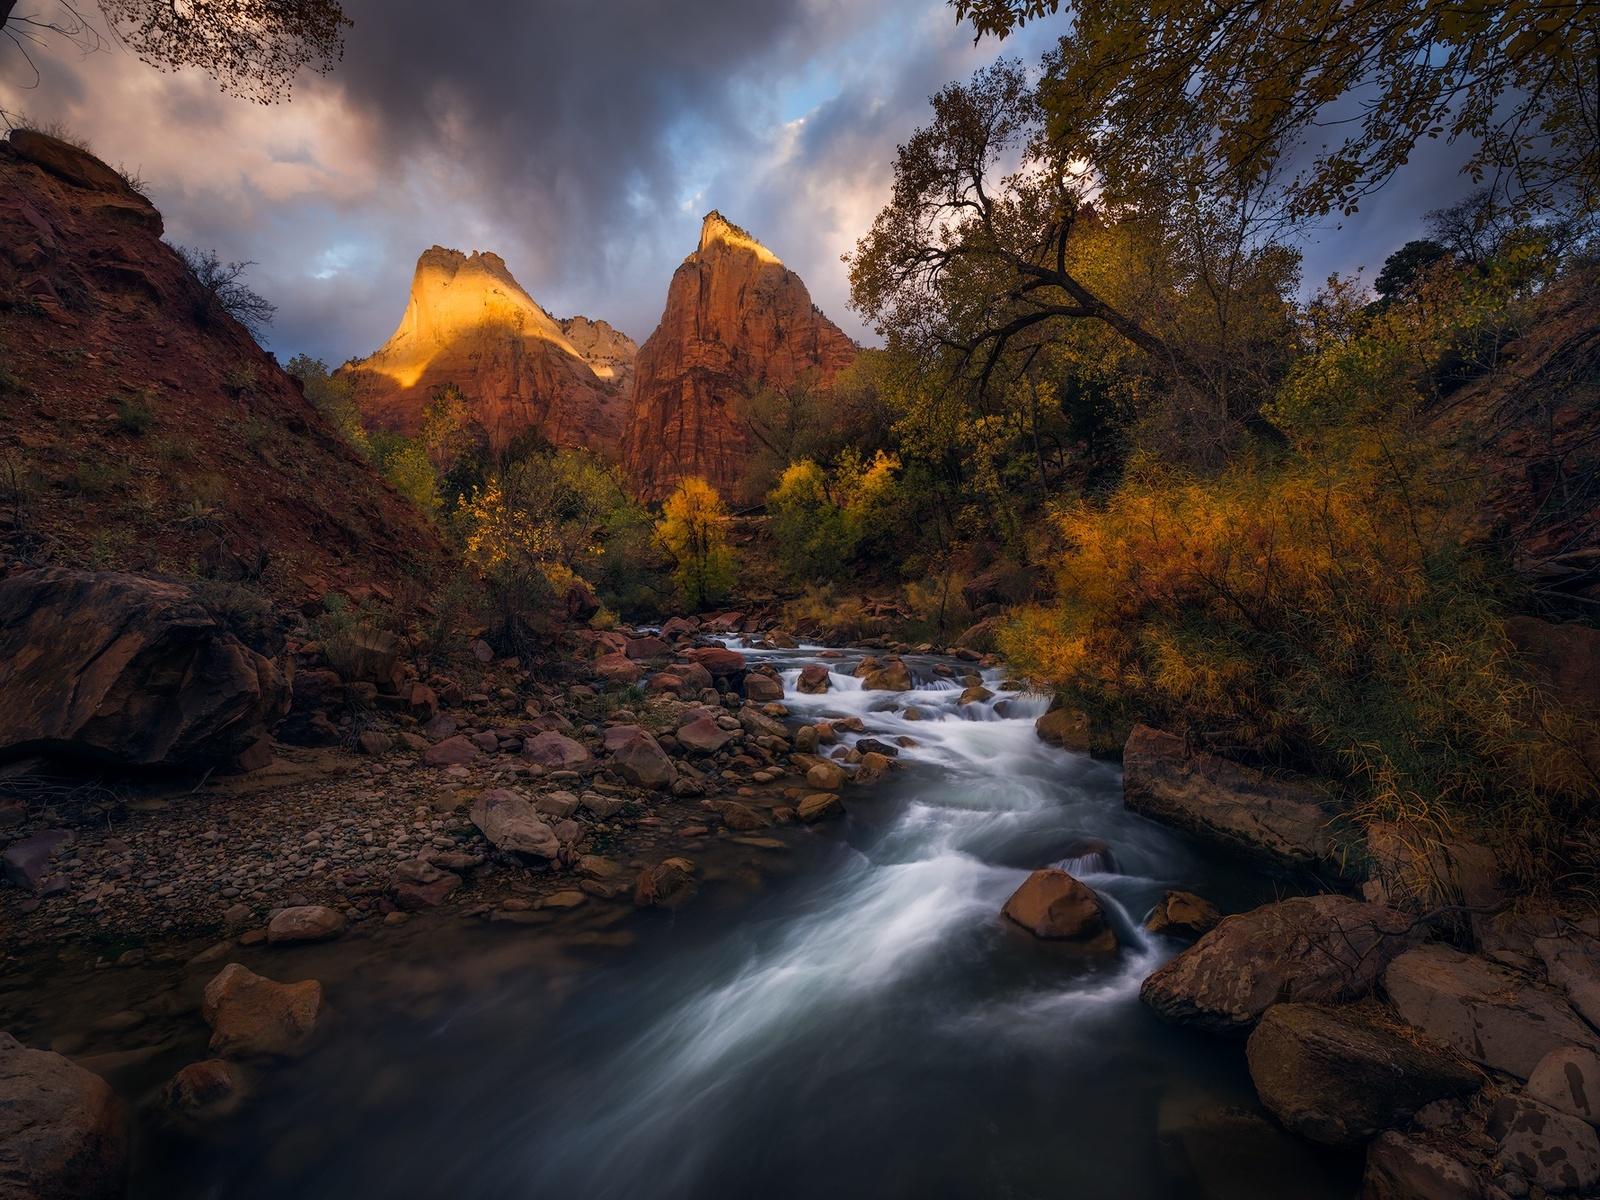 природа, пейзаж, горы, скалы, камни, река, деревья, небо, облака